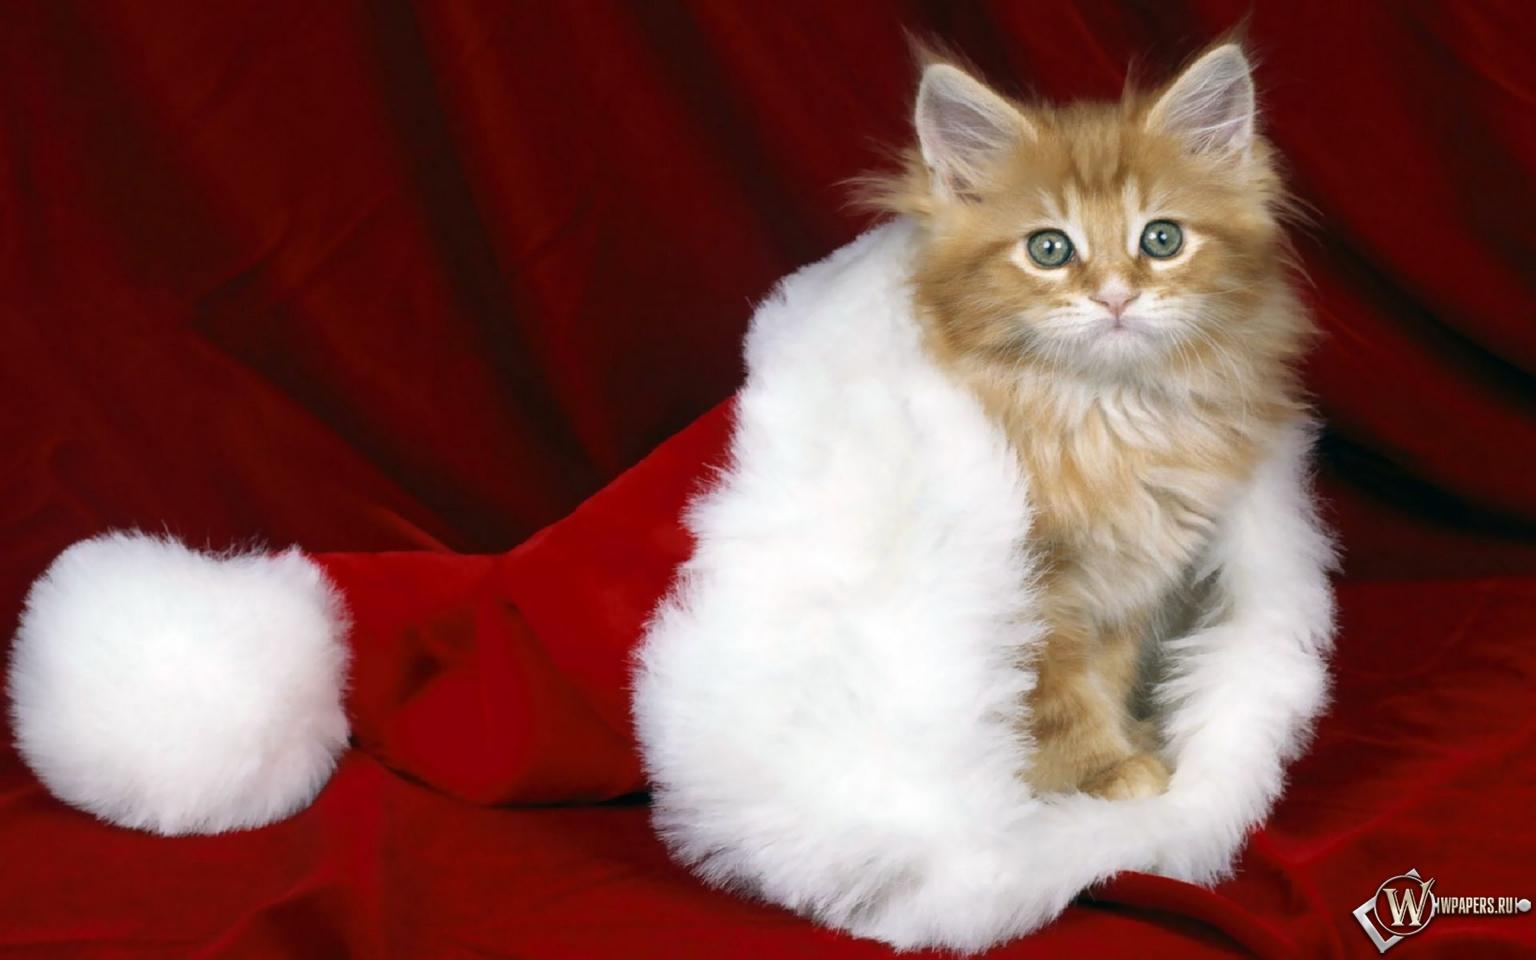 Кошки тоже любят Новый год 1536x960